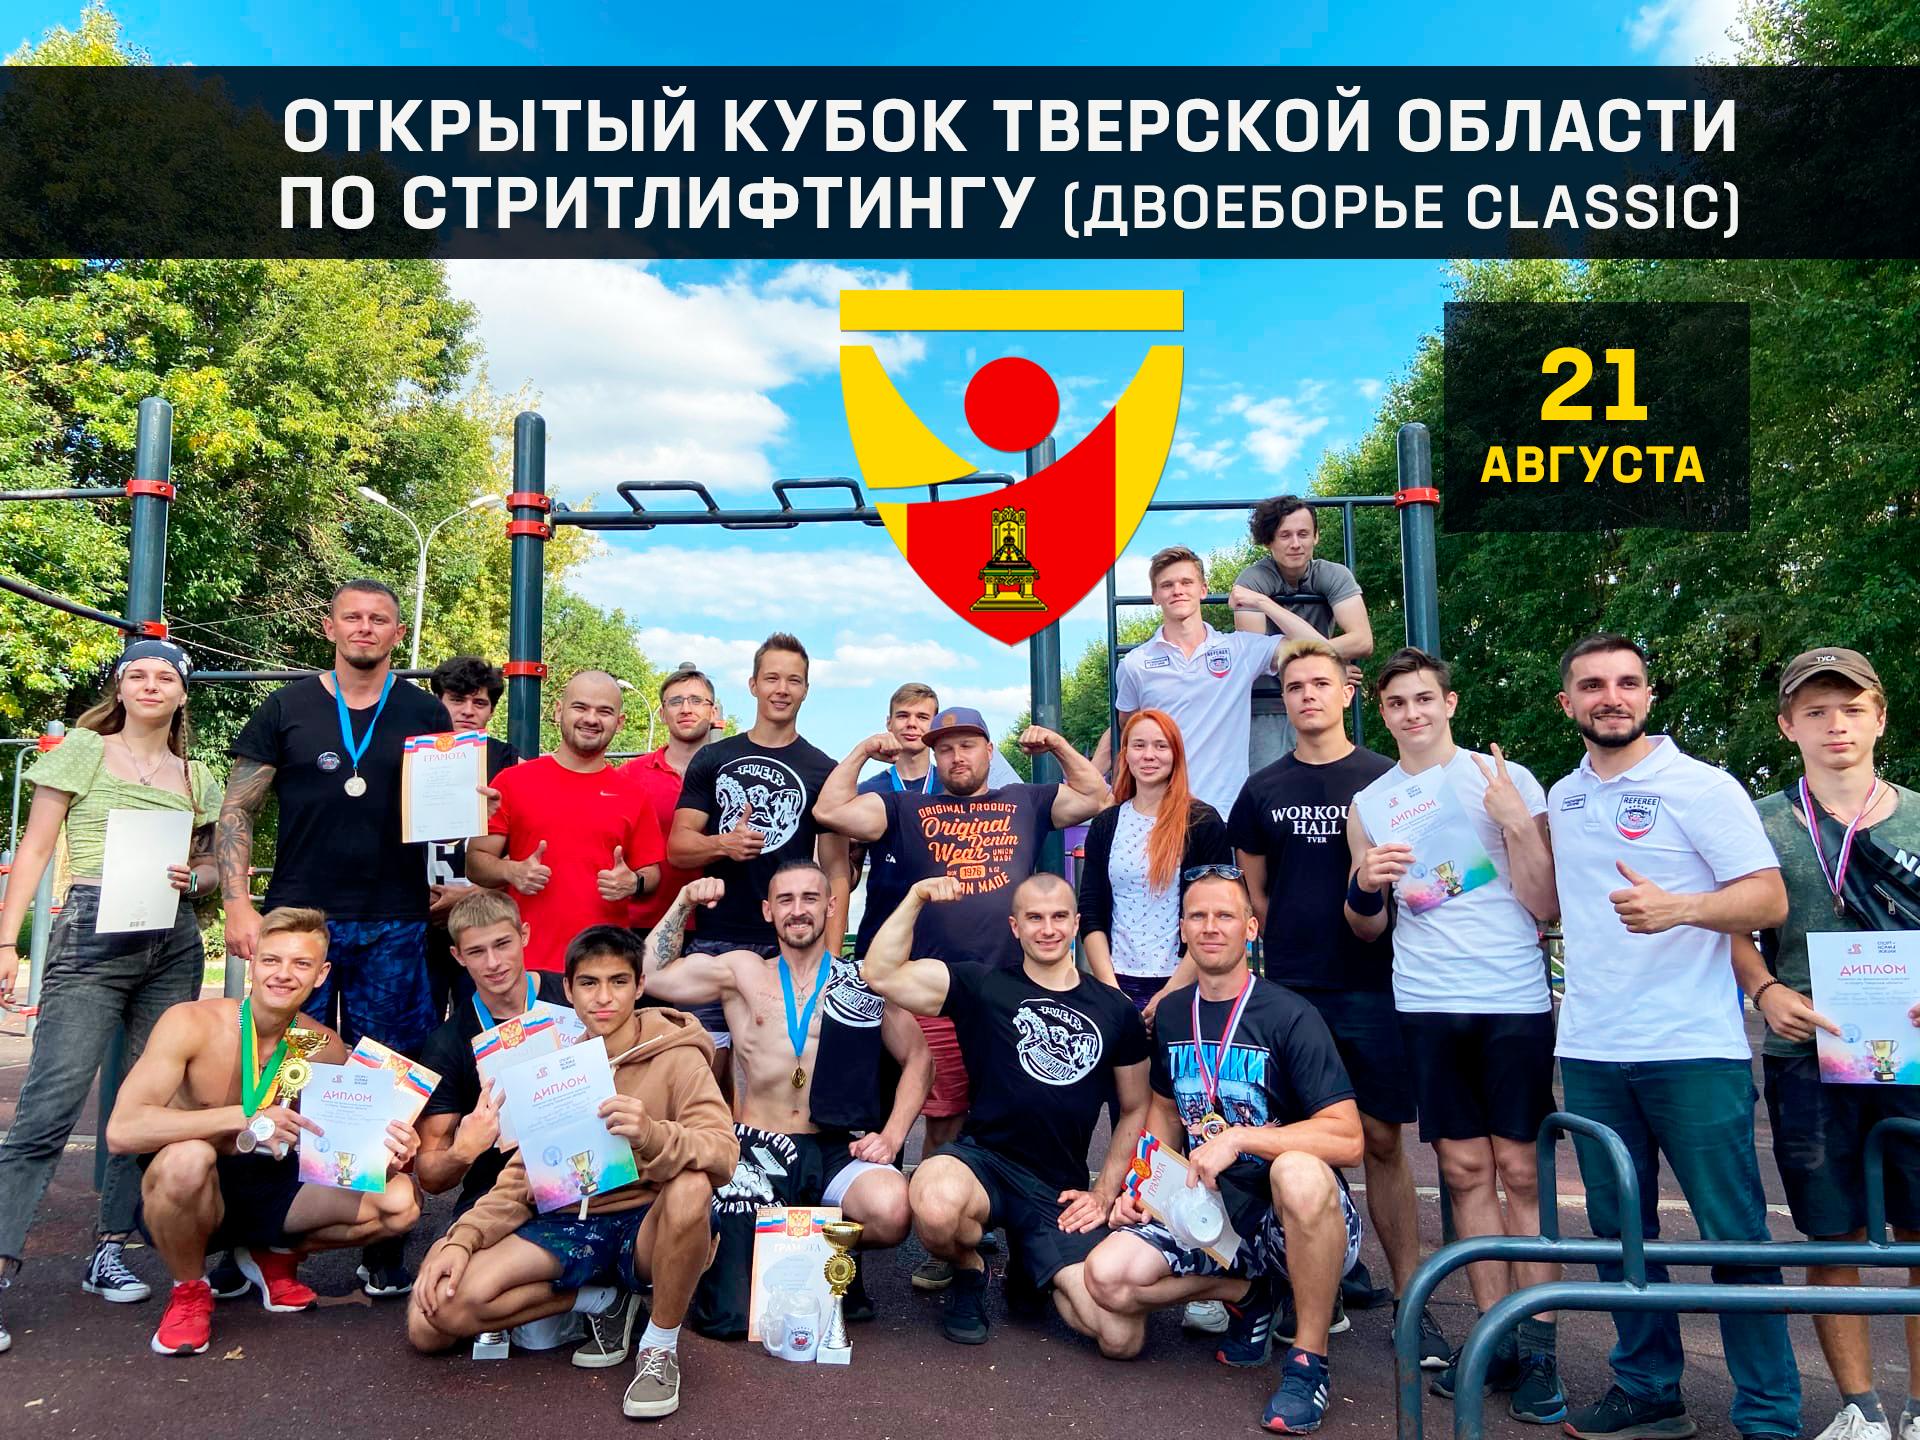 Афиша Кубок Тверской области по стритлтифтингу